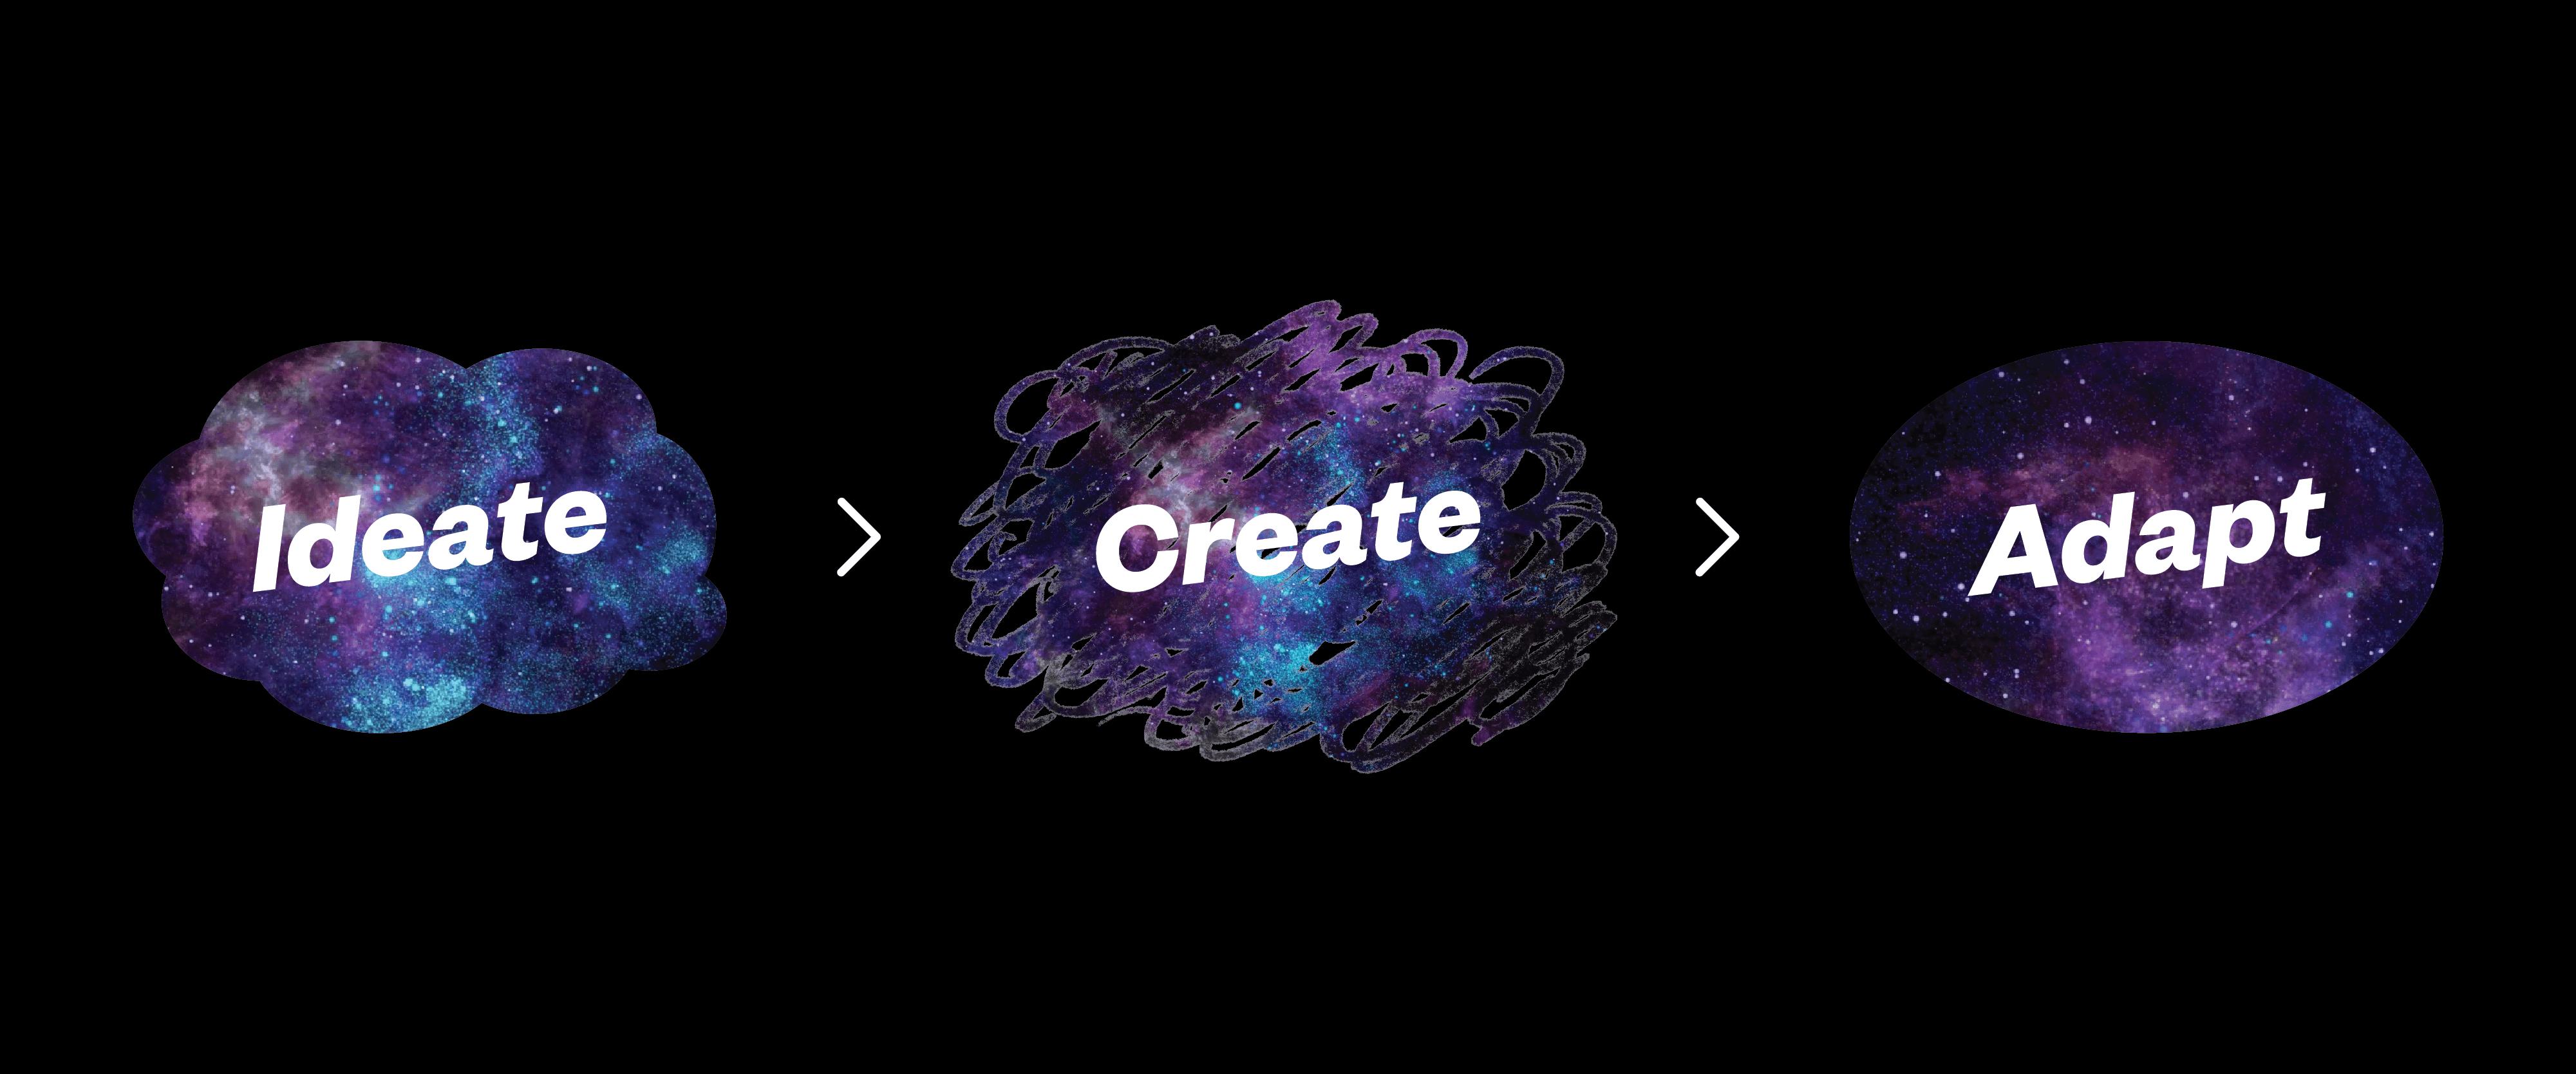 Ideate, Create, Adapt